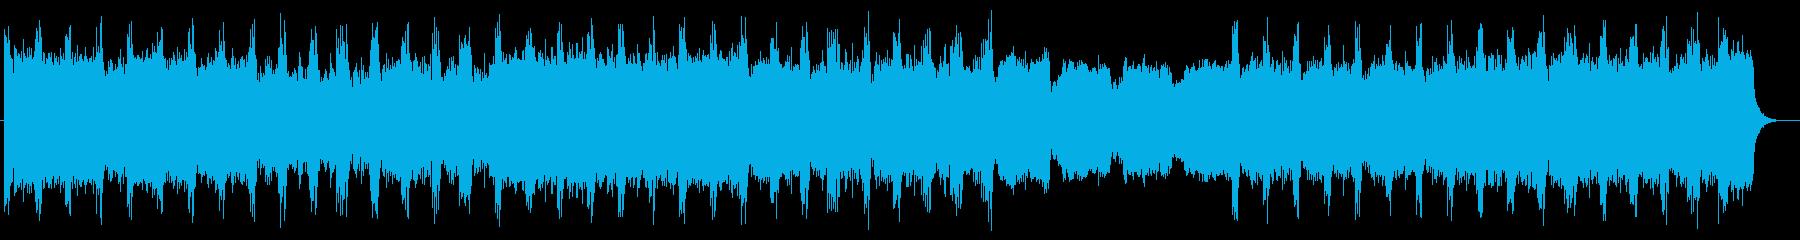 緊張感とシリアスなシンセサイザーサウンドの再生済みの波形